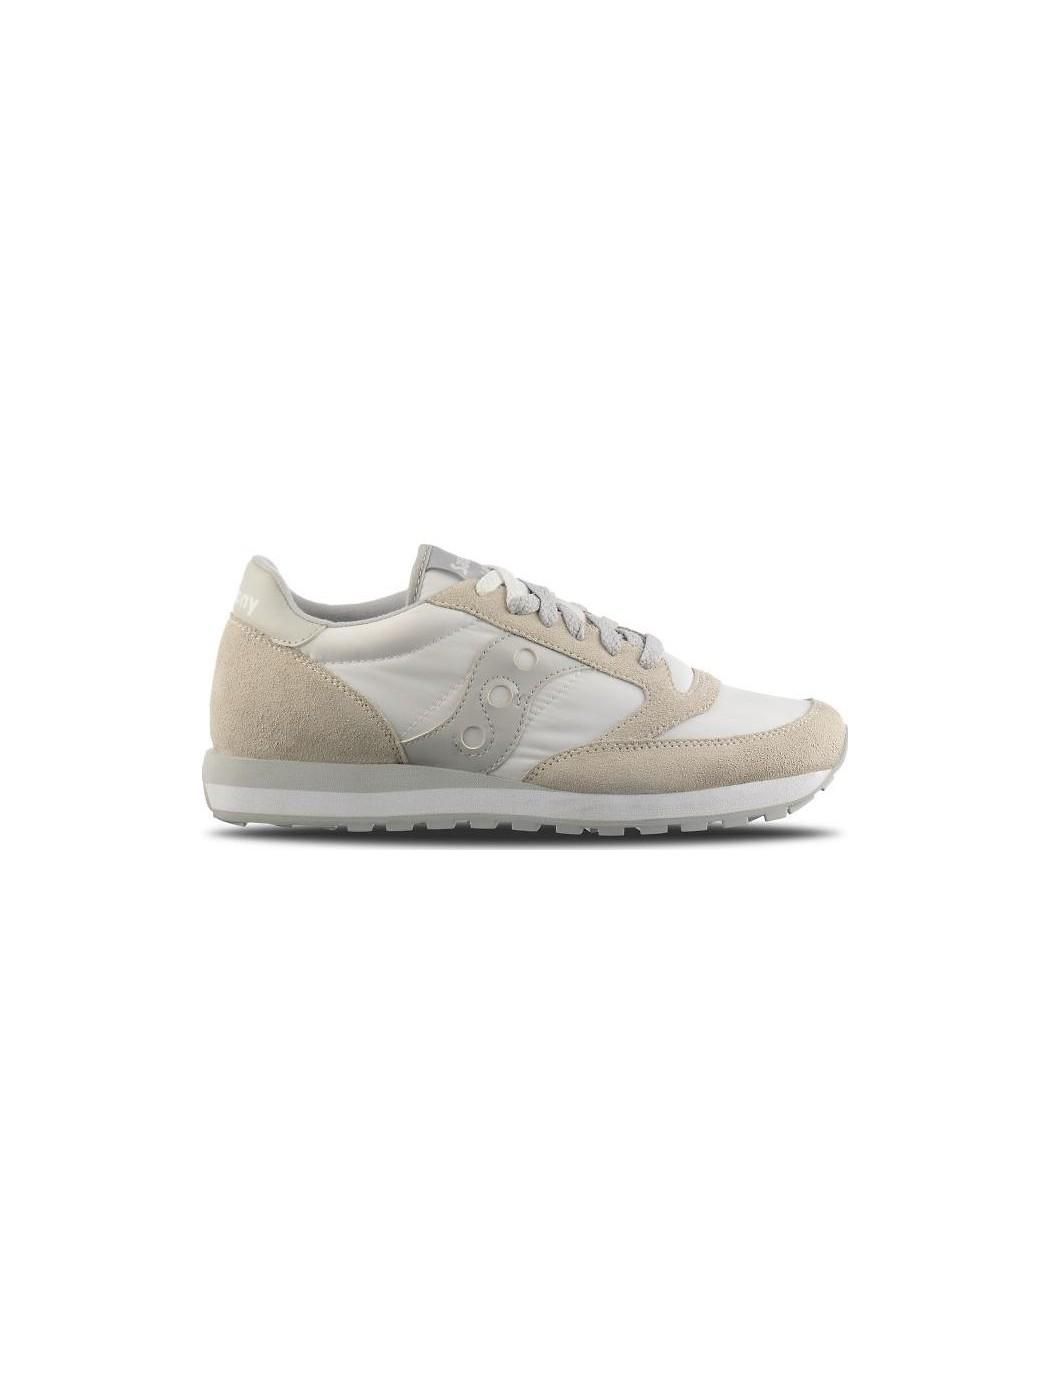 JAZZ O WHITE/GREY SAUCONY S2044 396